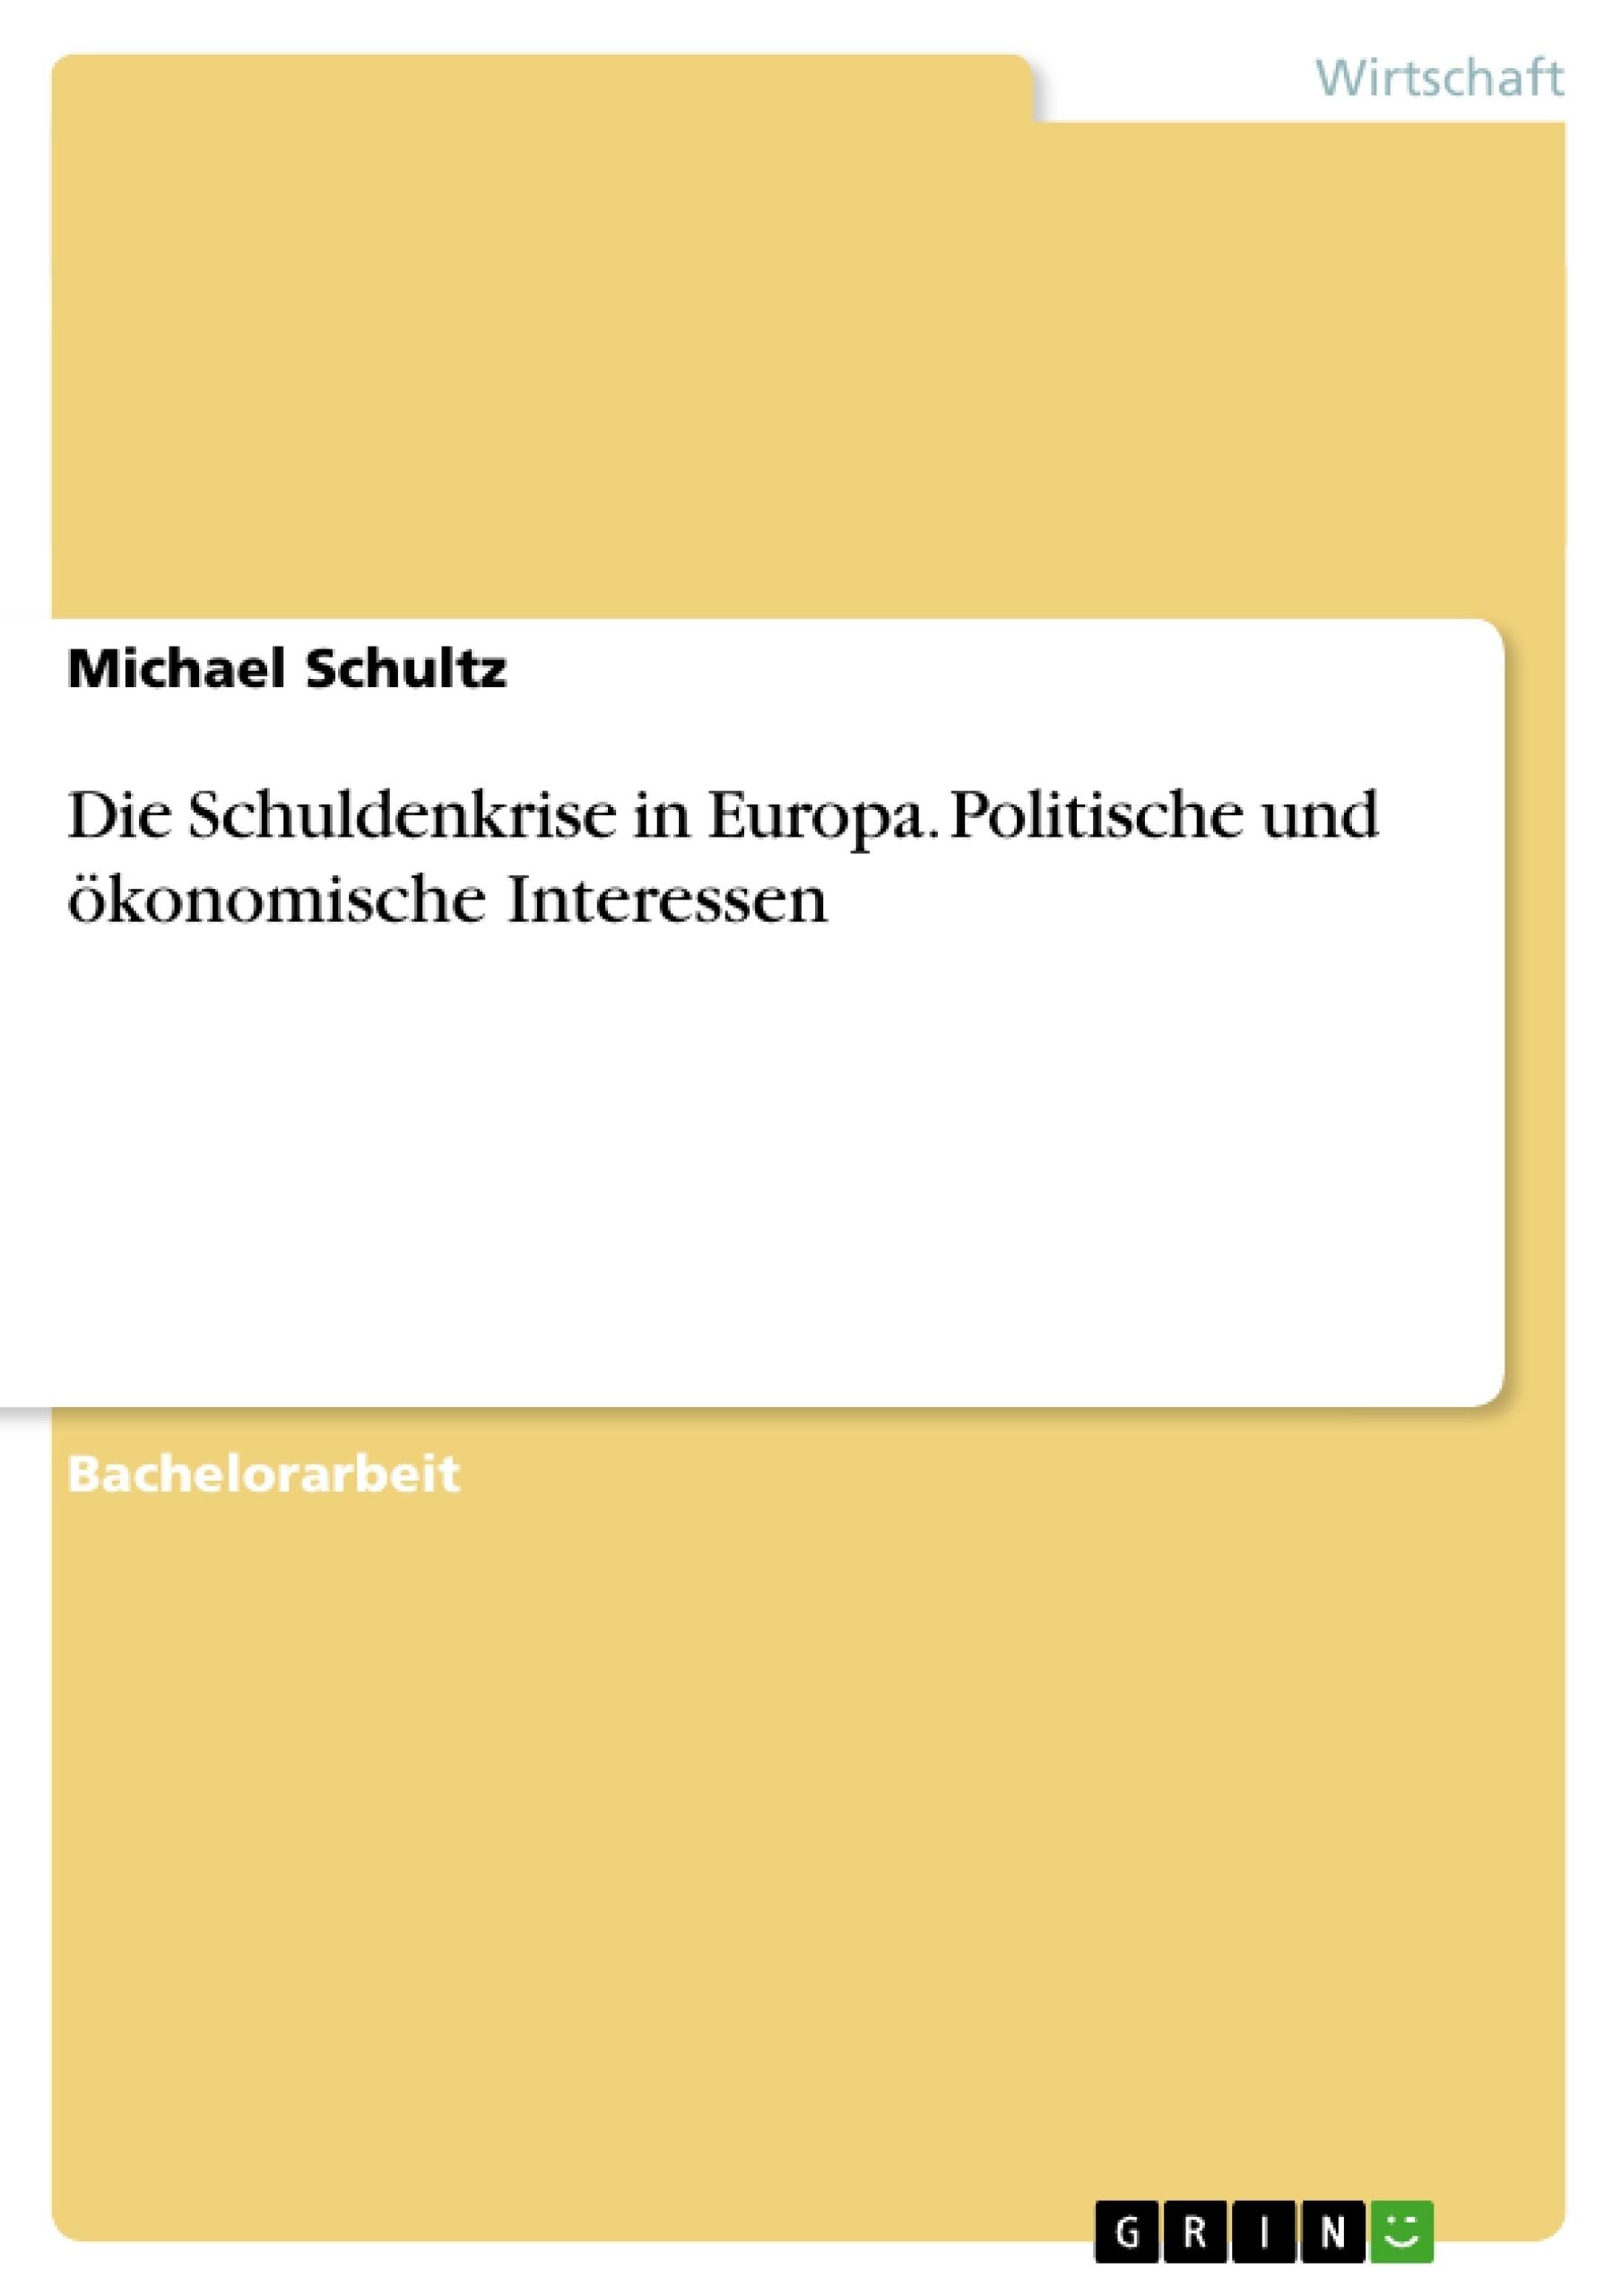 Titel: Die Schuldenkrise in Europa. Politische und ökonomische Interessen